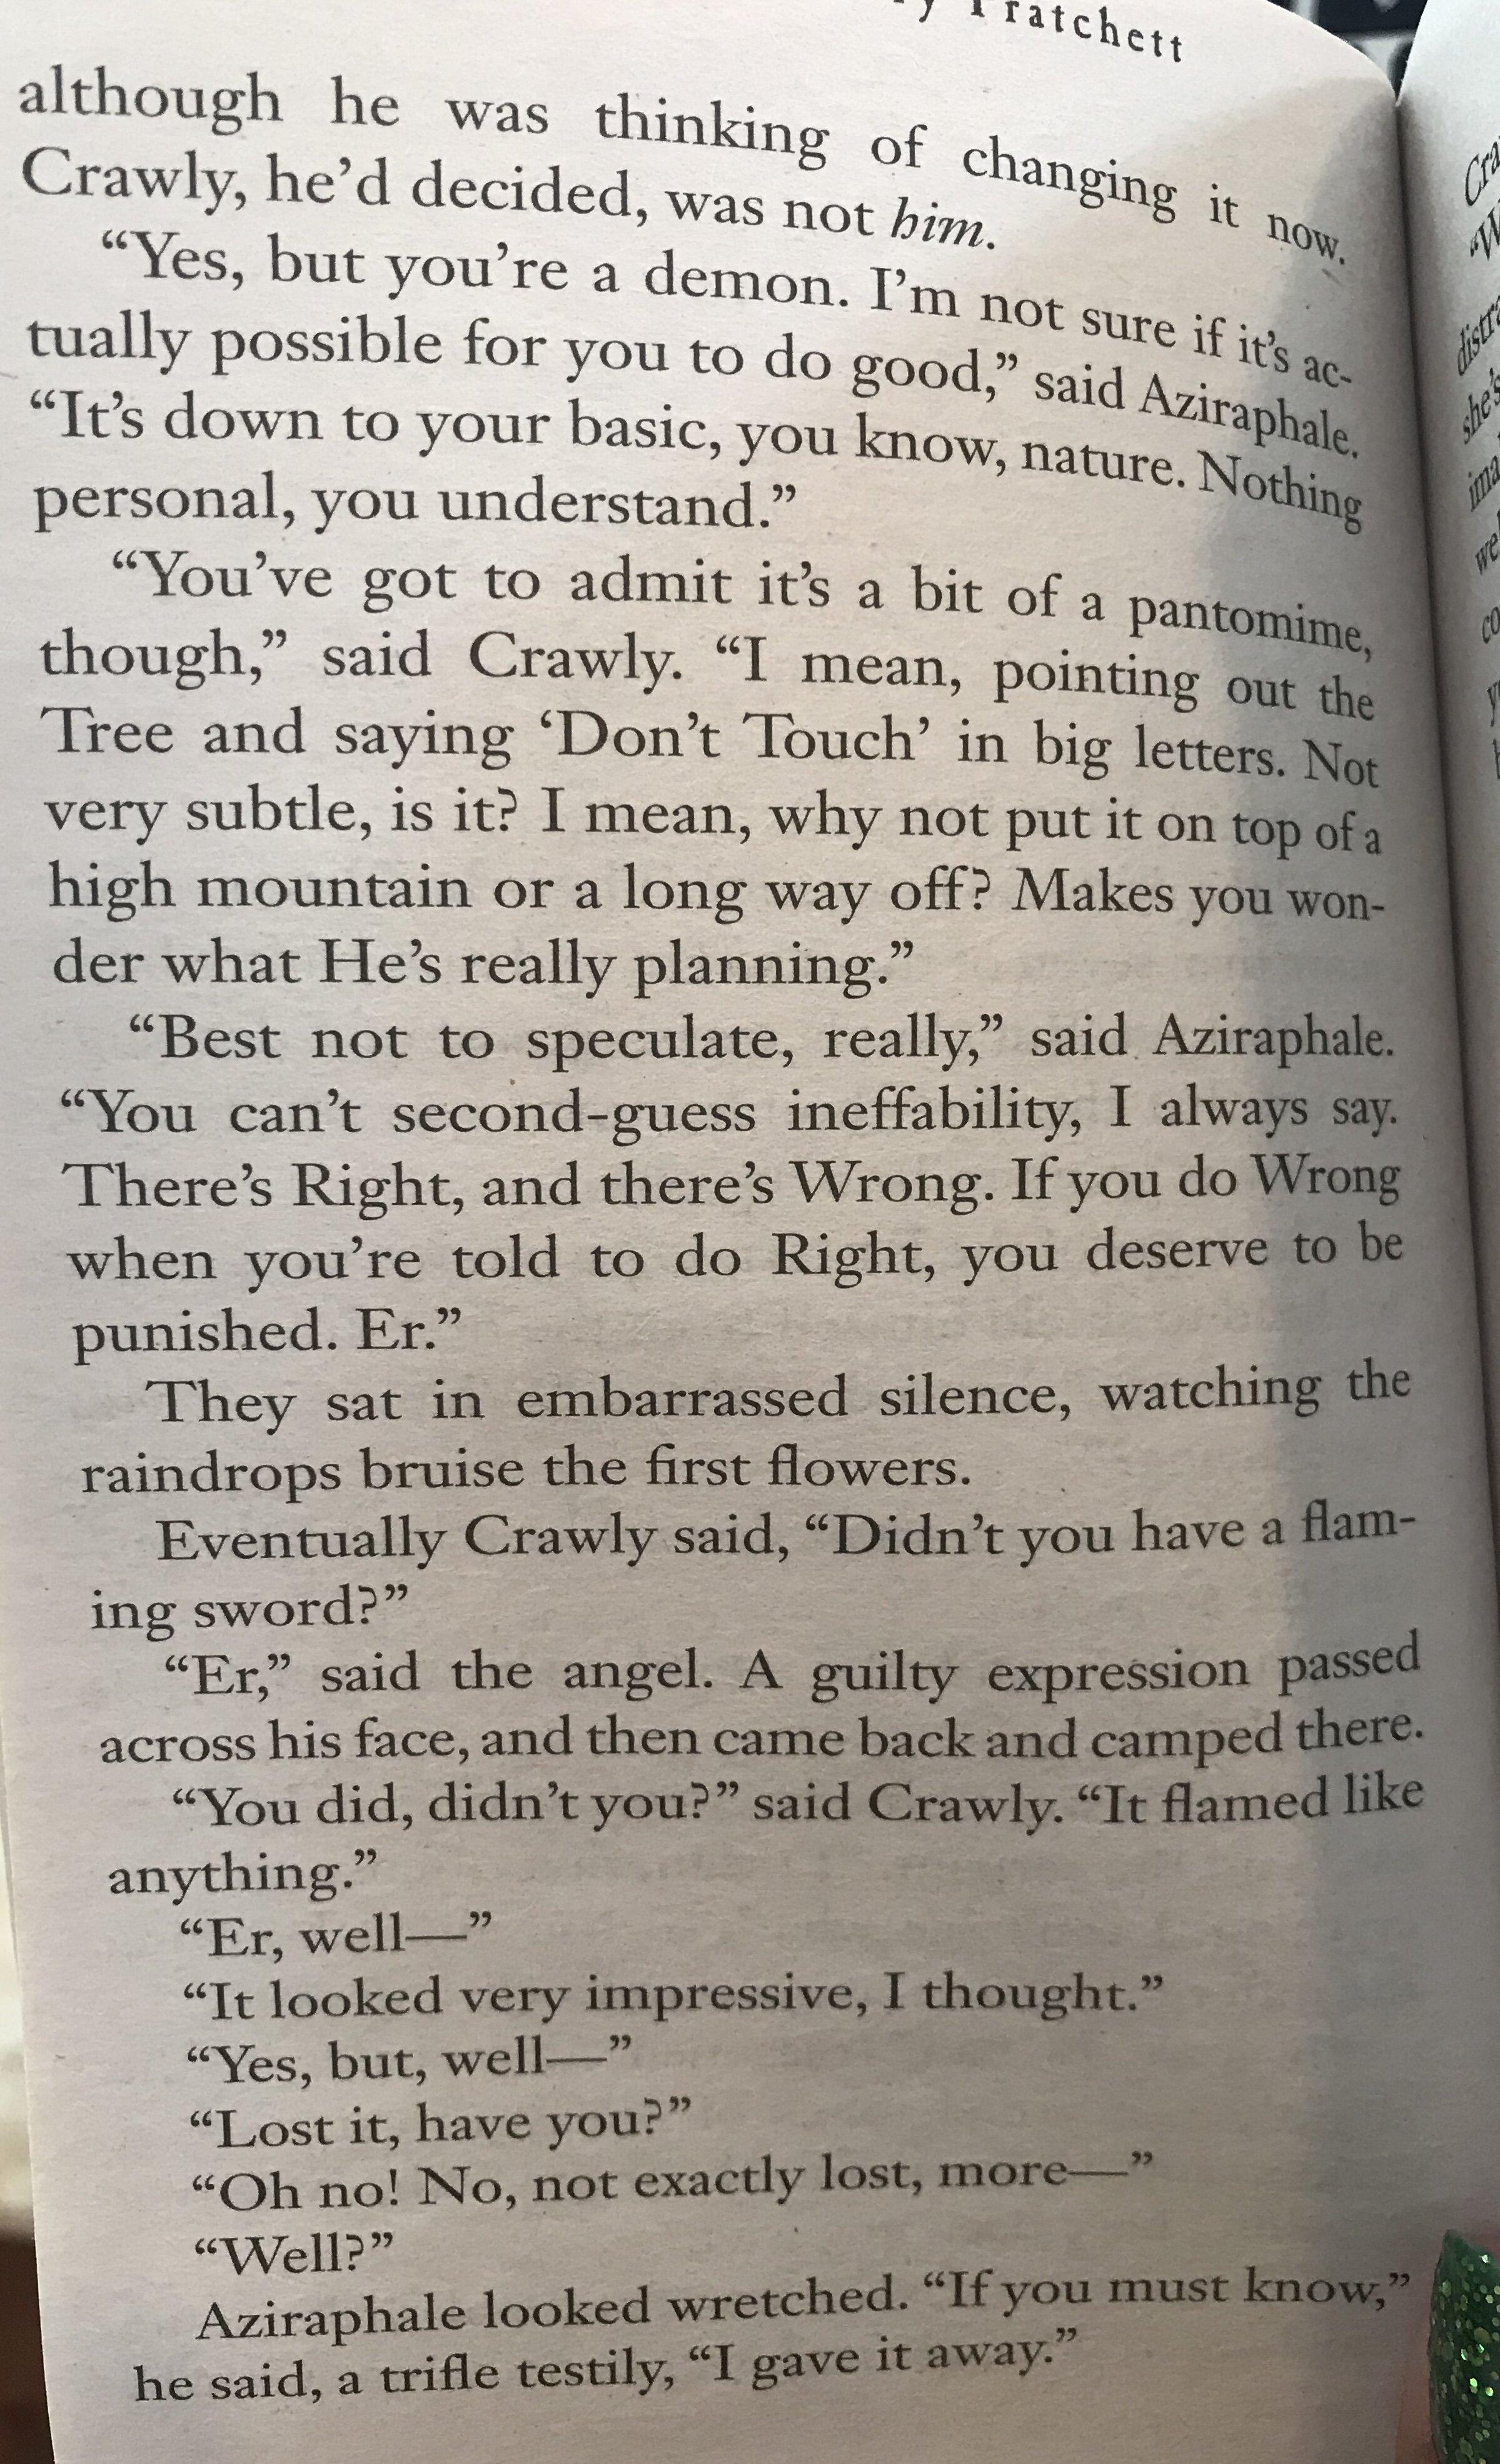 Good Omens Doctor Bookworm Excerpt 3.jpg